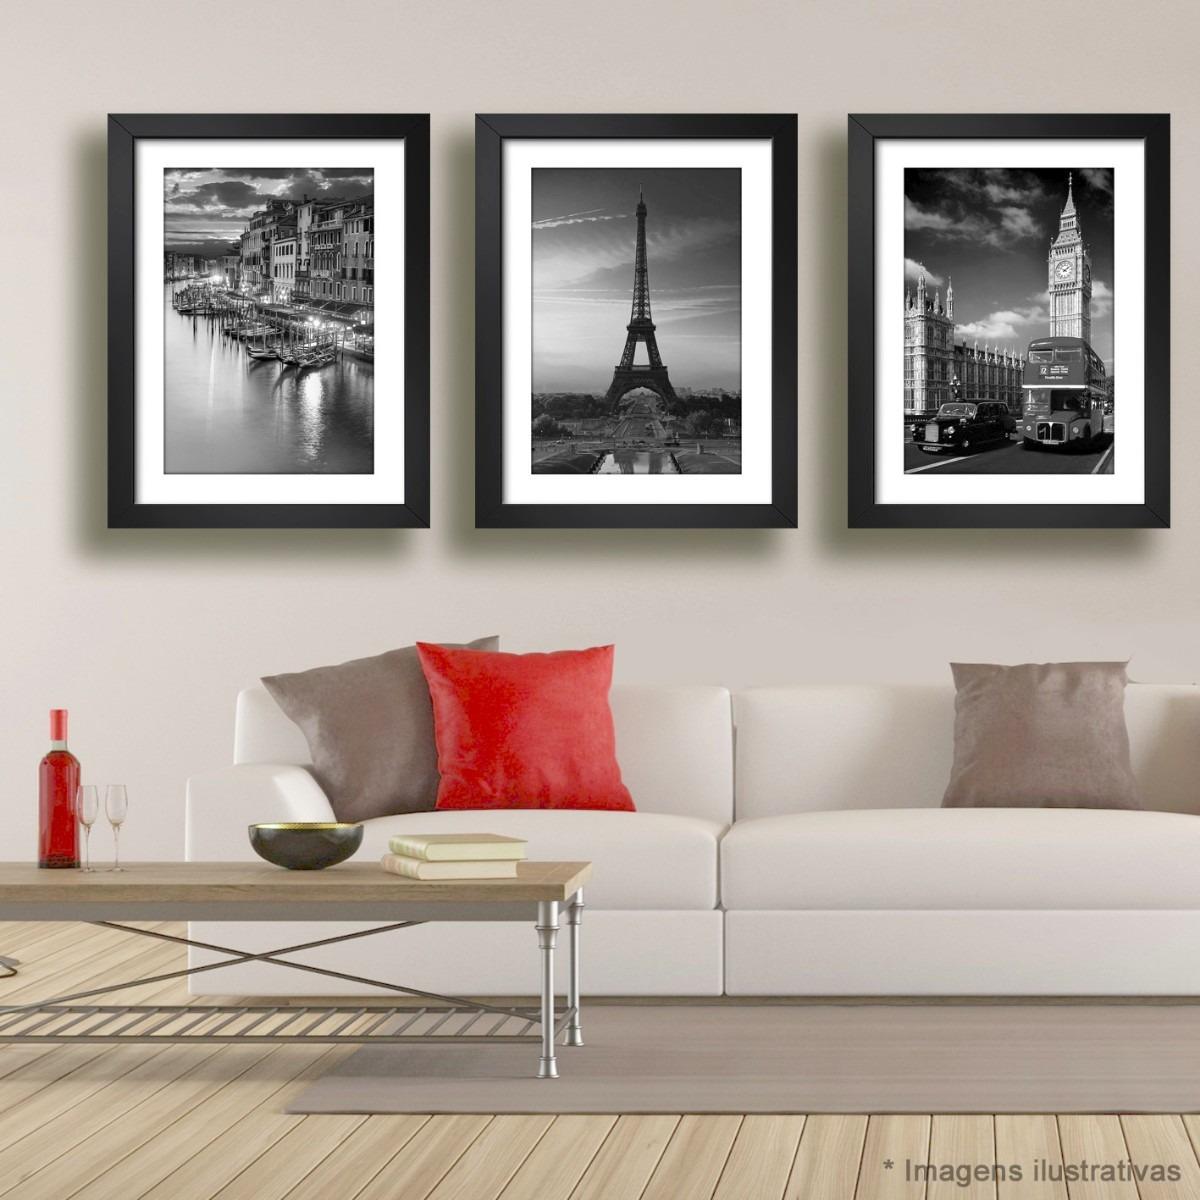 decoração de sala com quadros com imagem de cidade